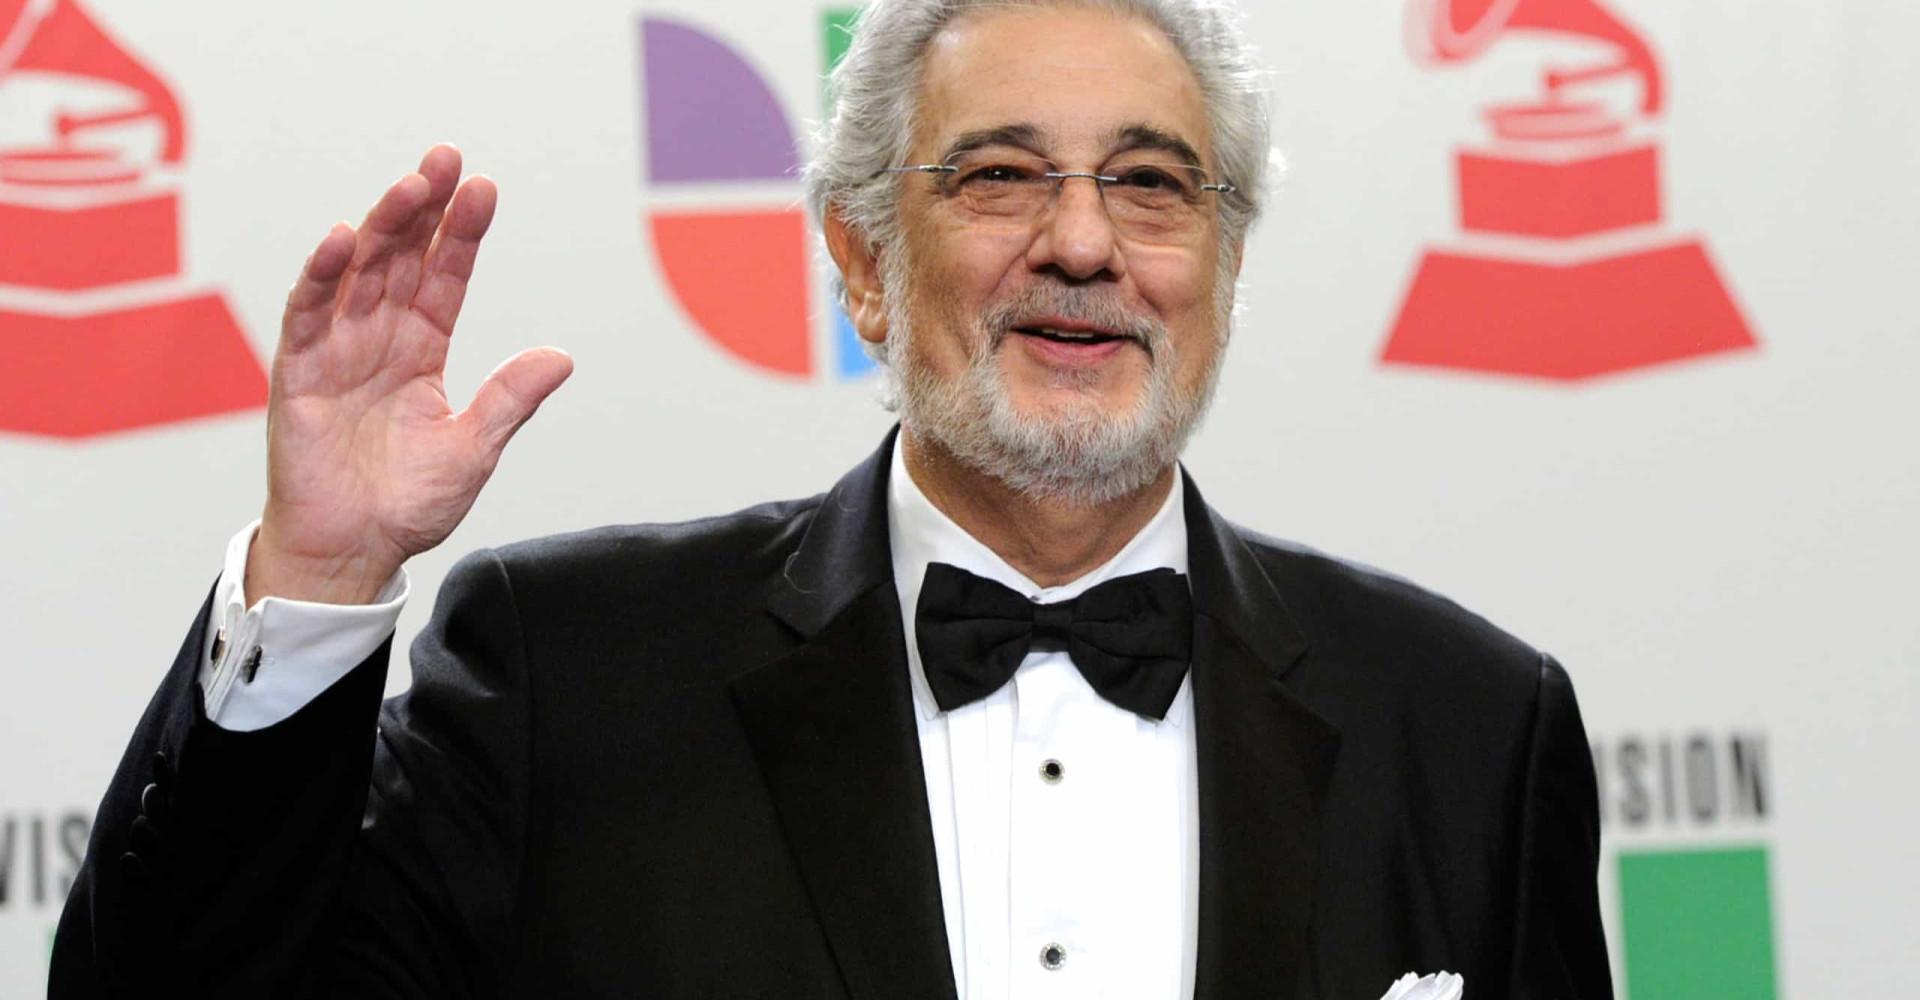 Plácido Domingo y otras celebridades acusadas de delitos sexuales